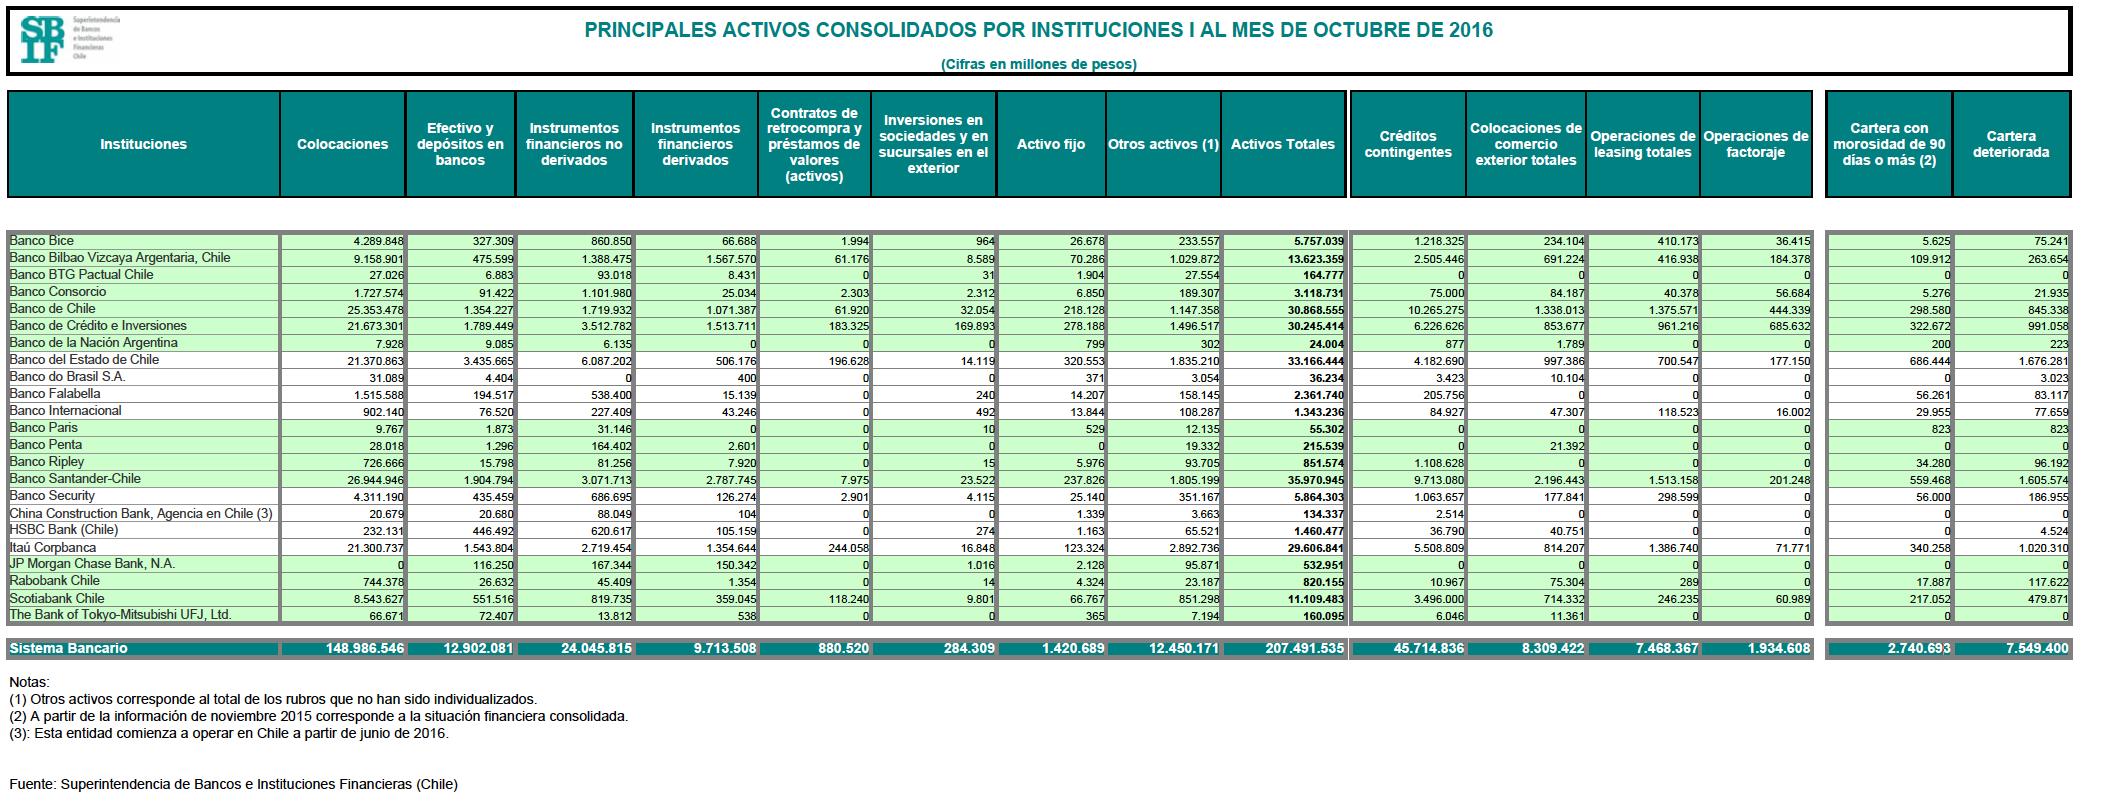 Mejores bancos chile 2017: Activos